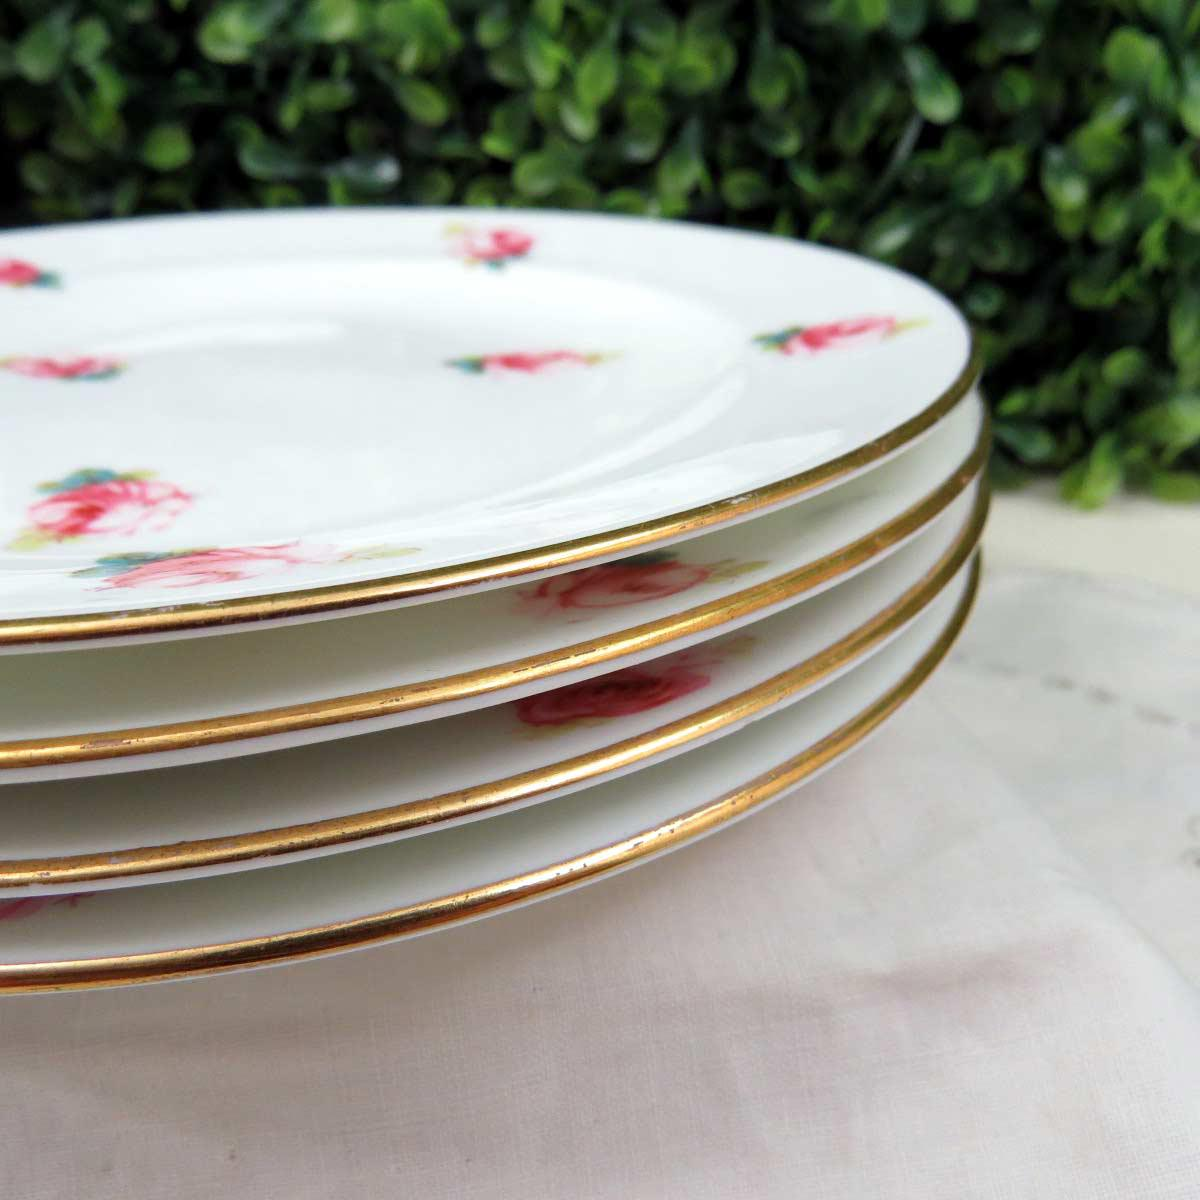 Royal Crown Derby Dessert Plates - Set of 4 - Image 7 of 11 & Royal Crown Derby Dessert Plates - Set of 4 | Chairish